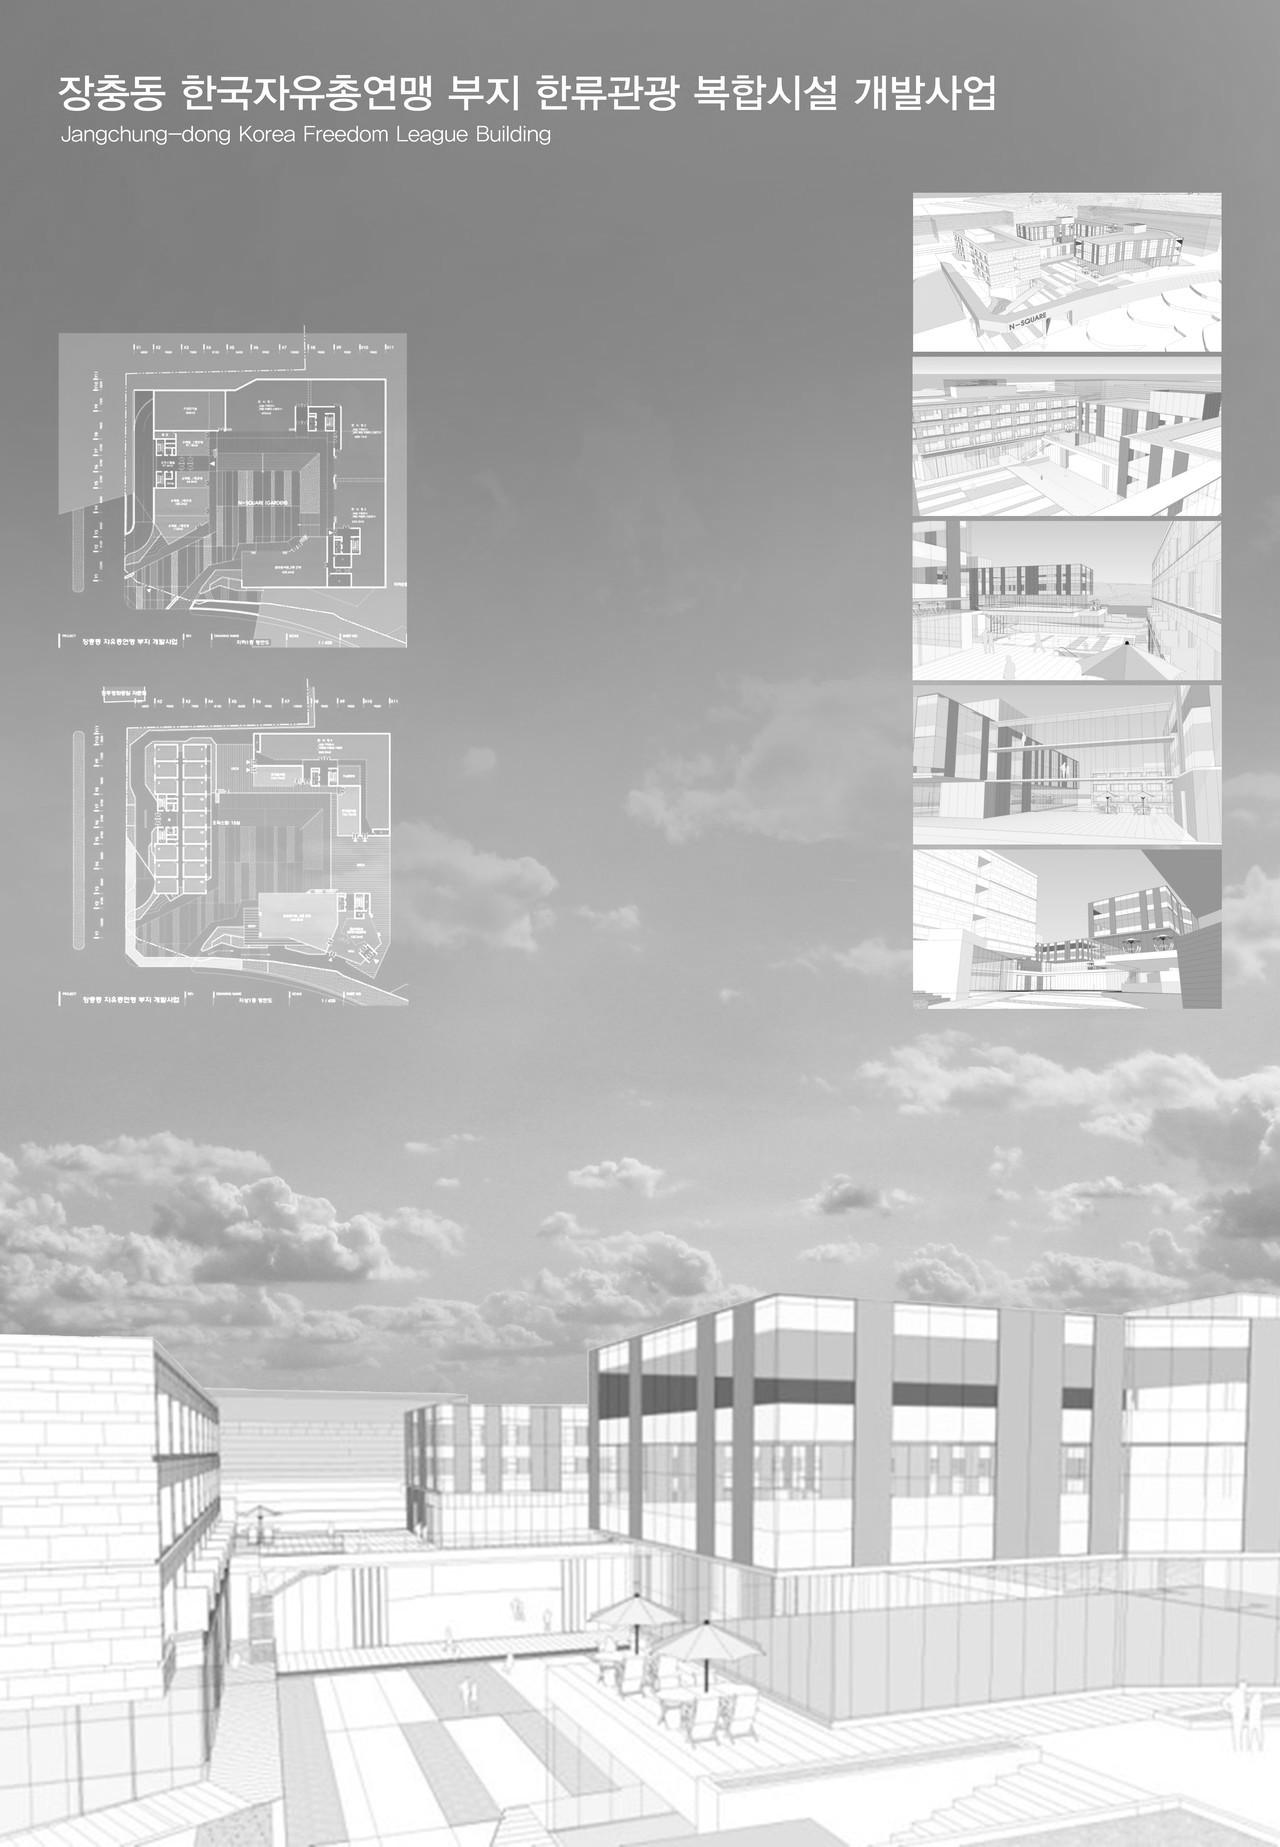 장충동 한국자유총연맹 부지 개발사업 컨설팅